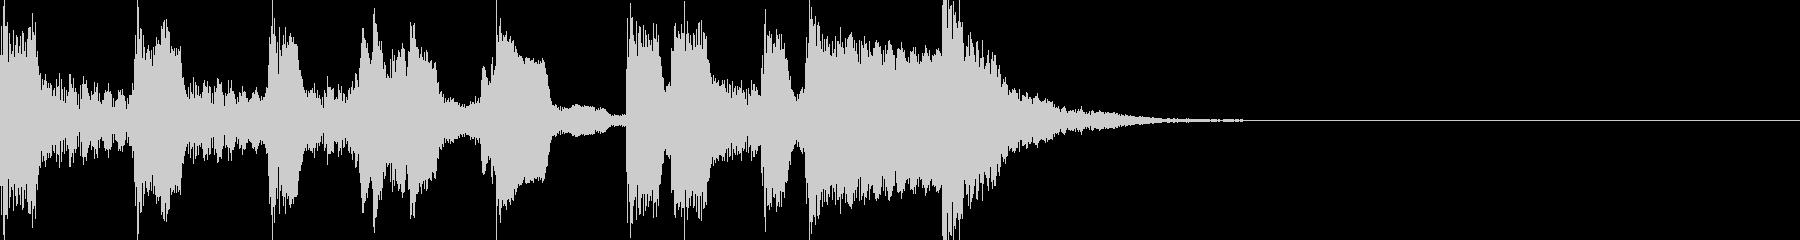 和風三味線ジングル其の六十二笛と鼓の未再生の波形